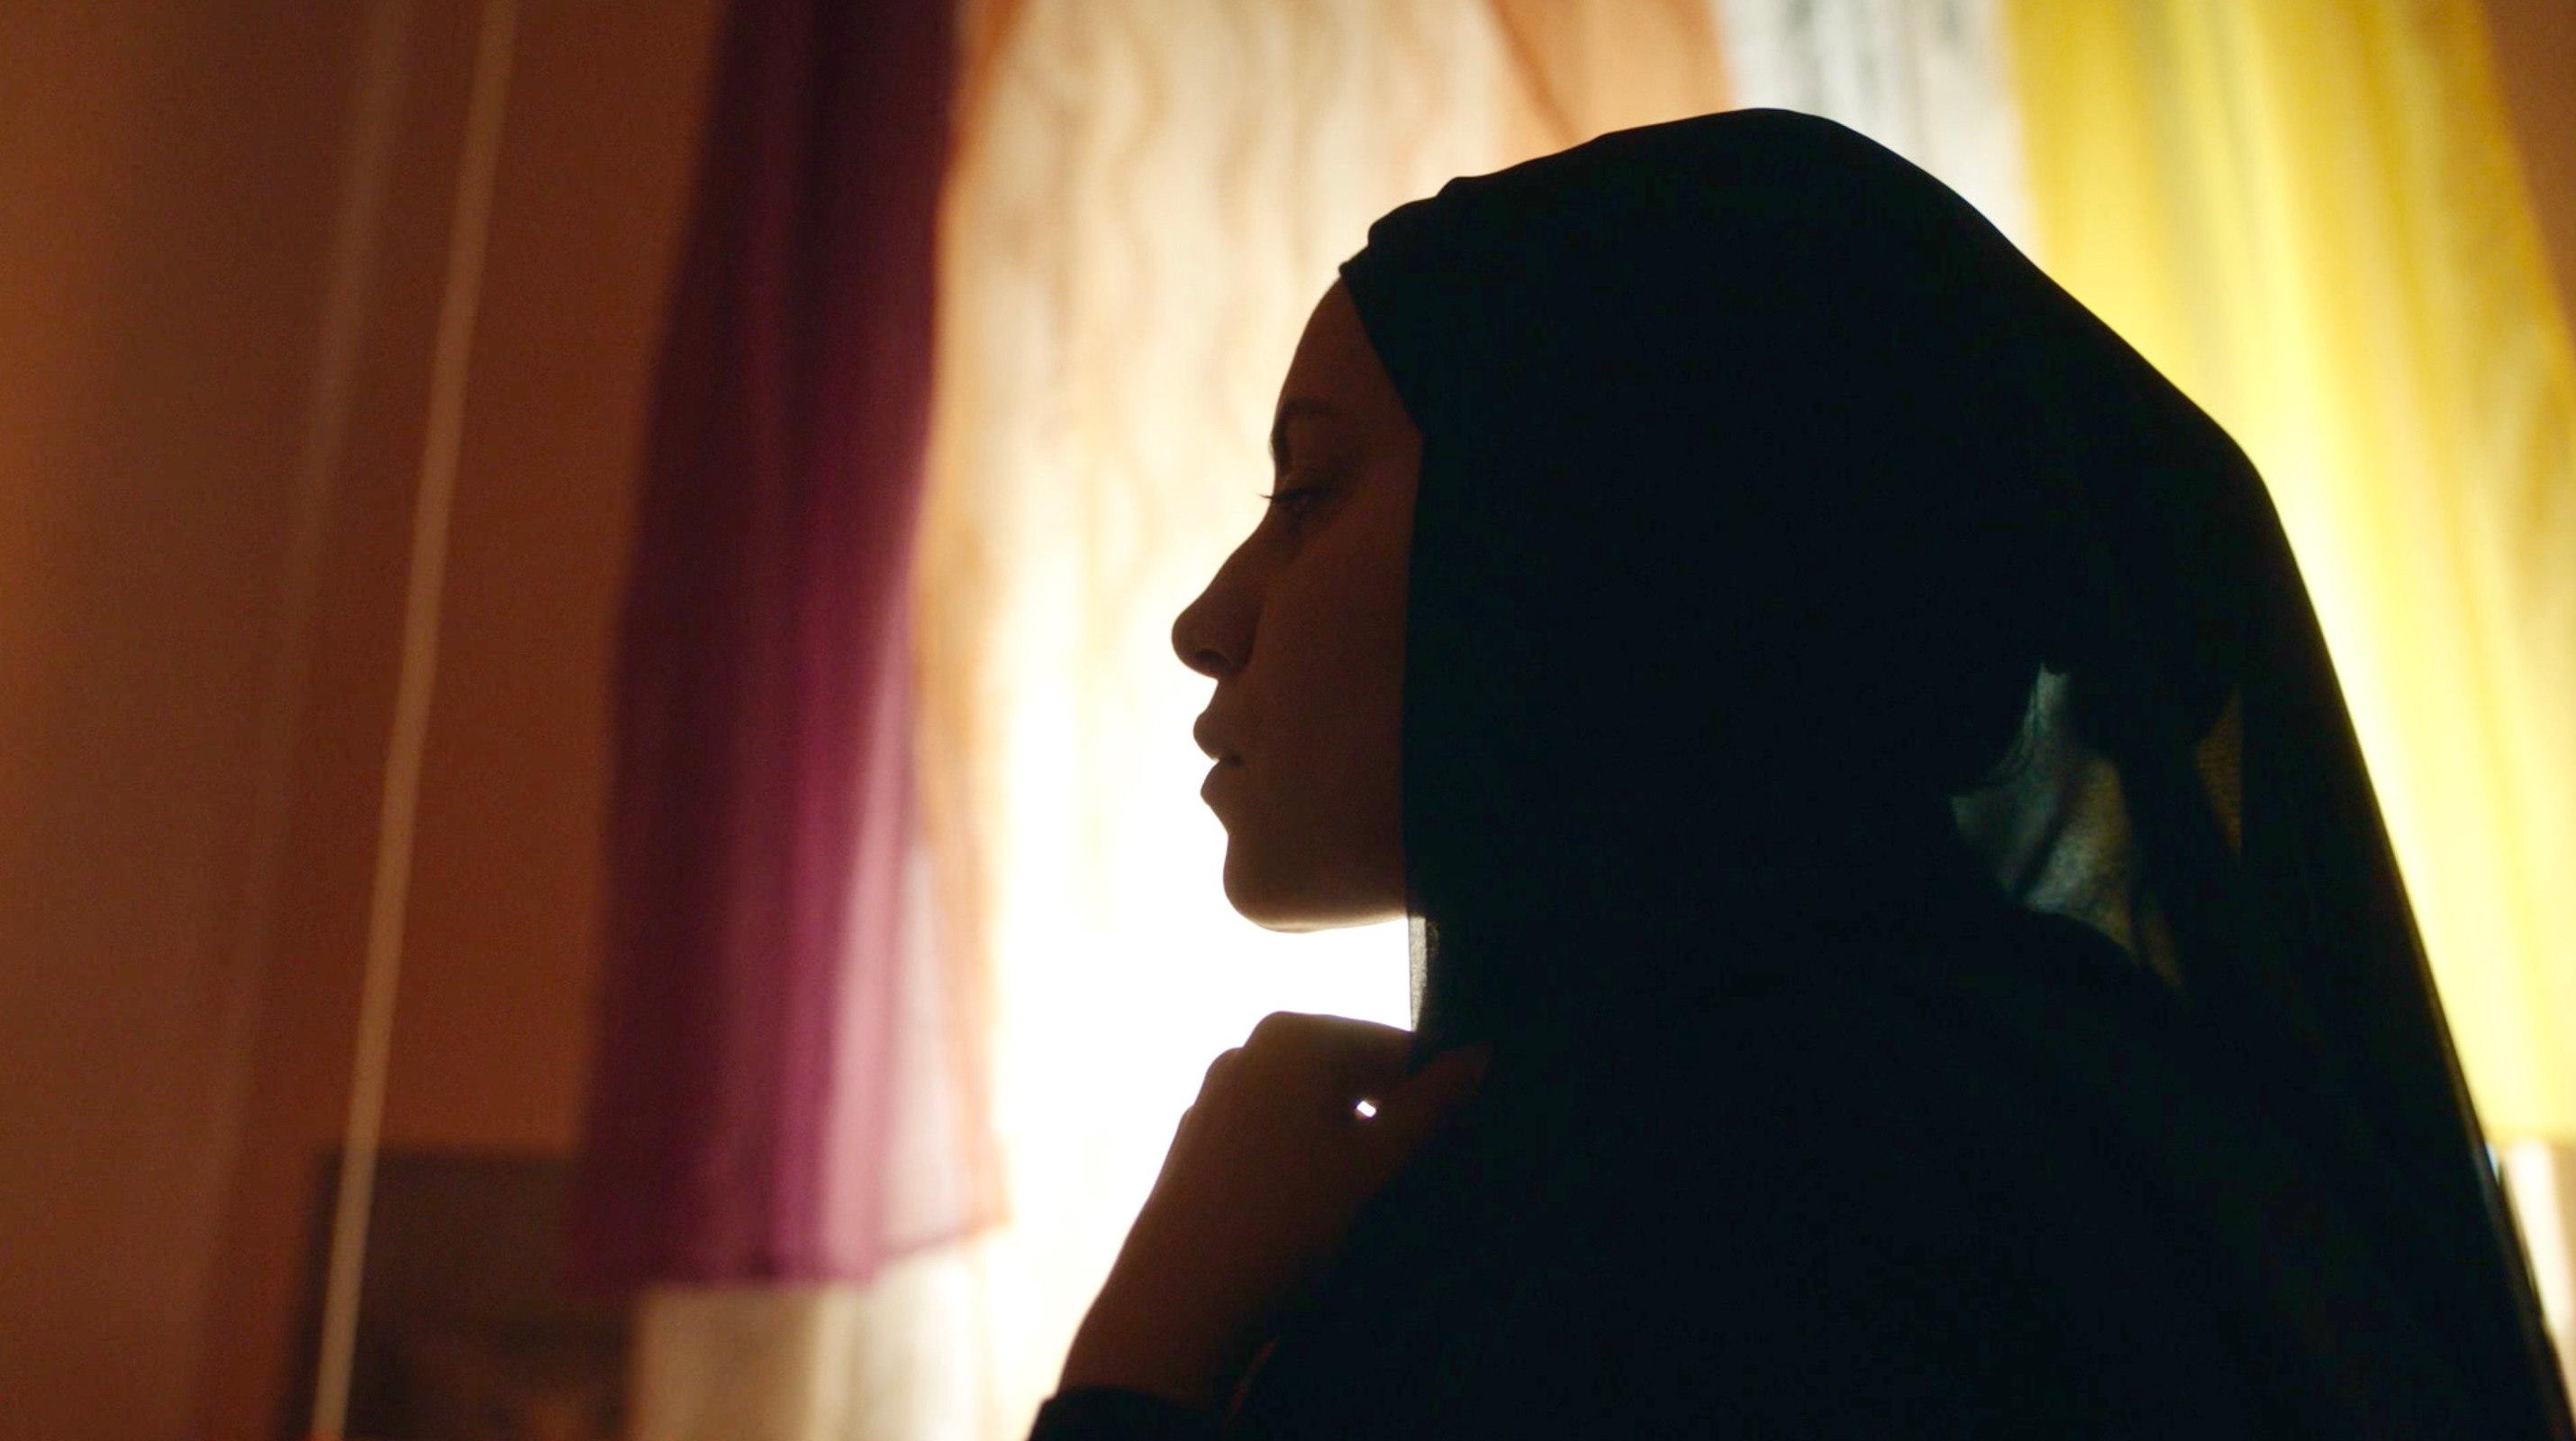 Nur eine Frau - A Regular Women - Aynur mit langem schwarzen Kopftuch - Profilansicht - Regie Sherry Hormann - Kamera Judith Kaufmann